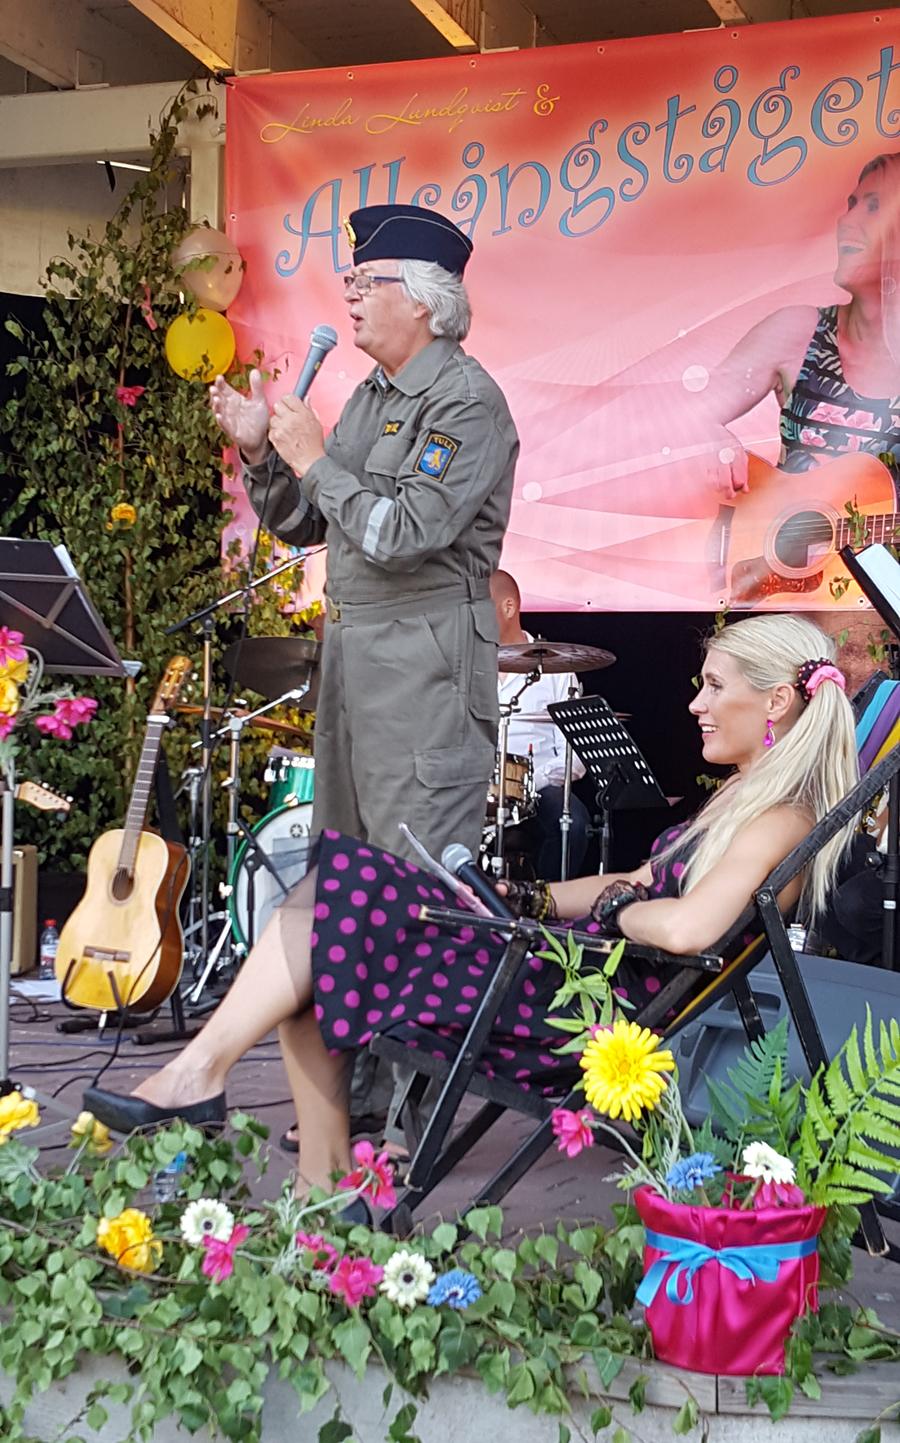 Per Dunsö som Tullaren dök upp på scen tillsammans med Linda Lundqvist och Allsångståget. Foto: Sven Pettersson.